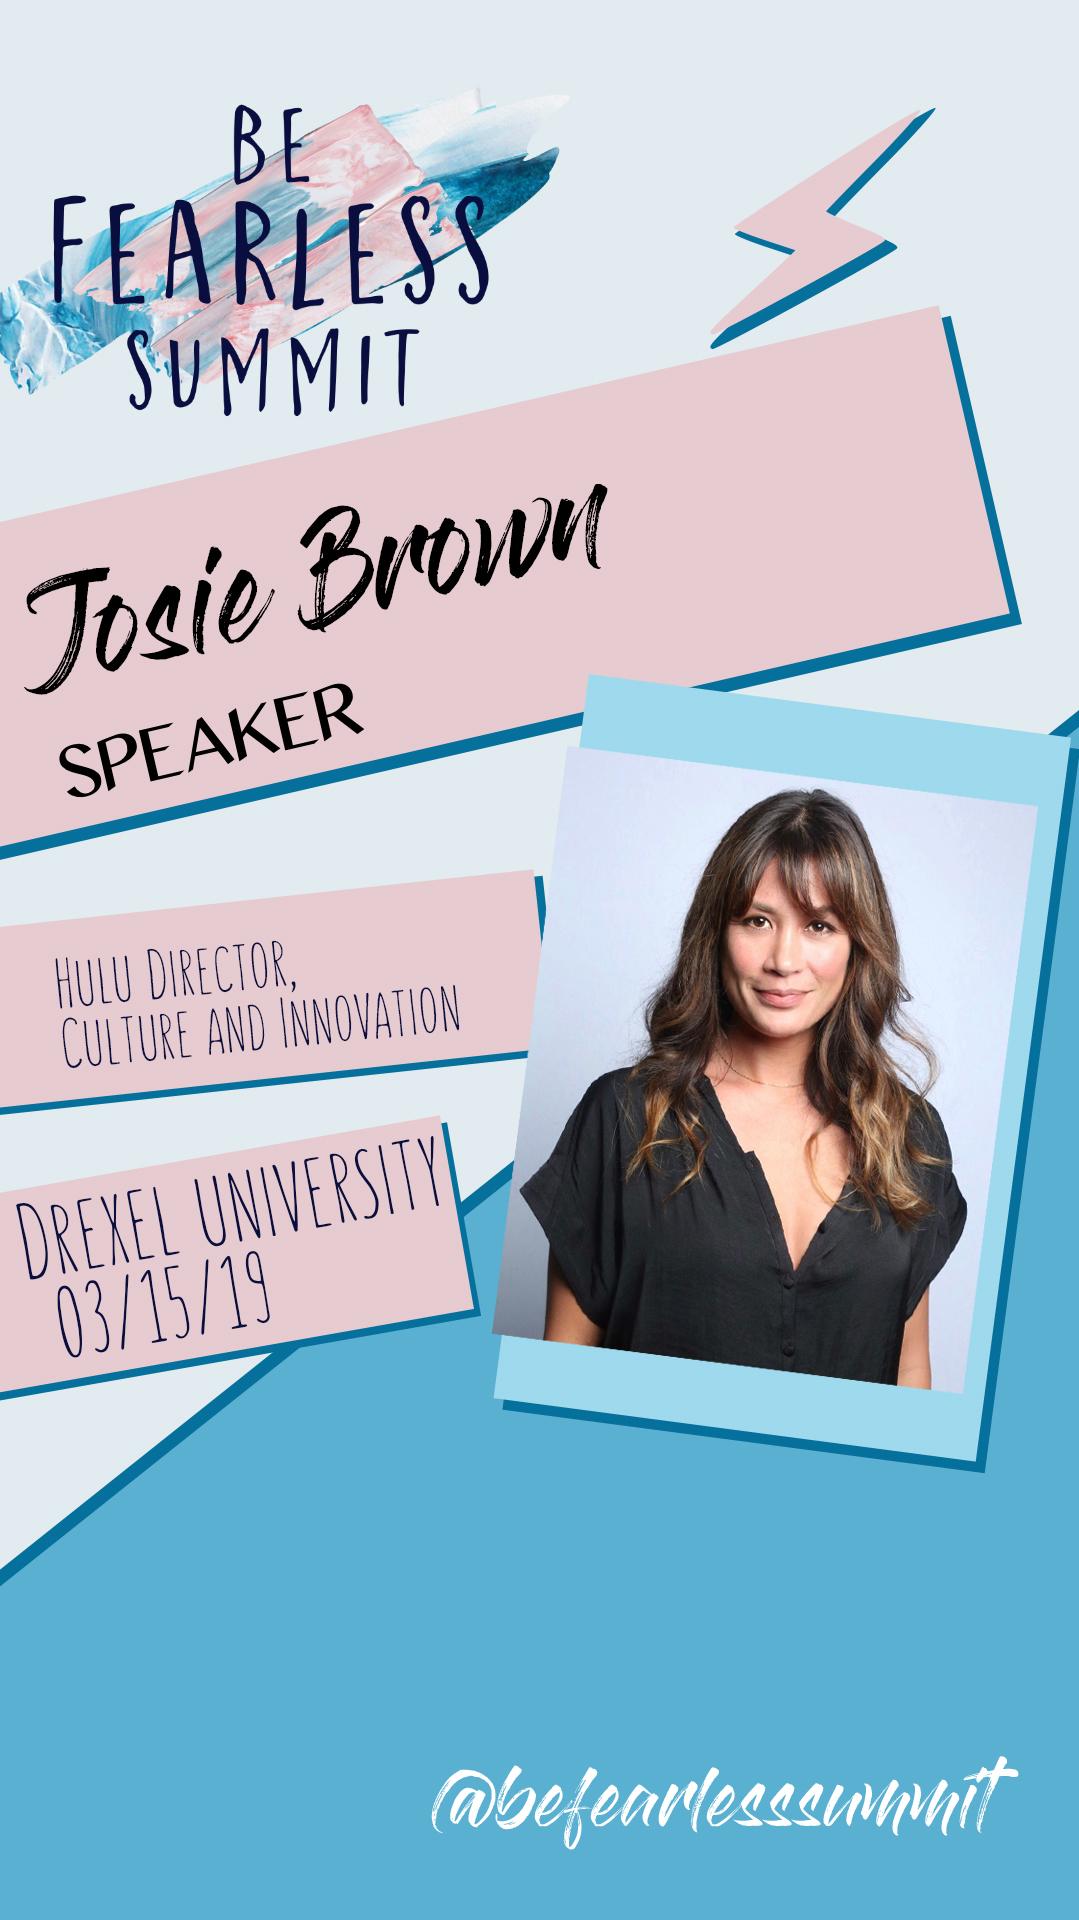 Josie Brown_new (2).jpg